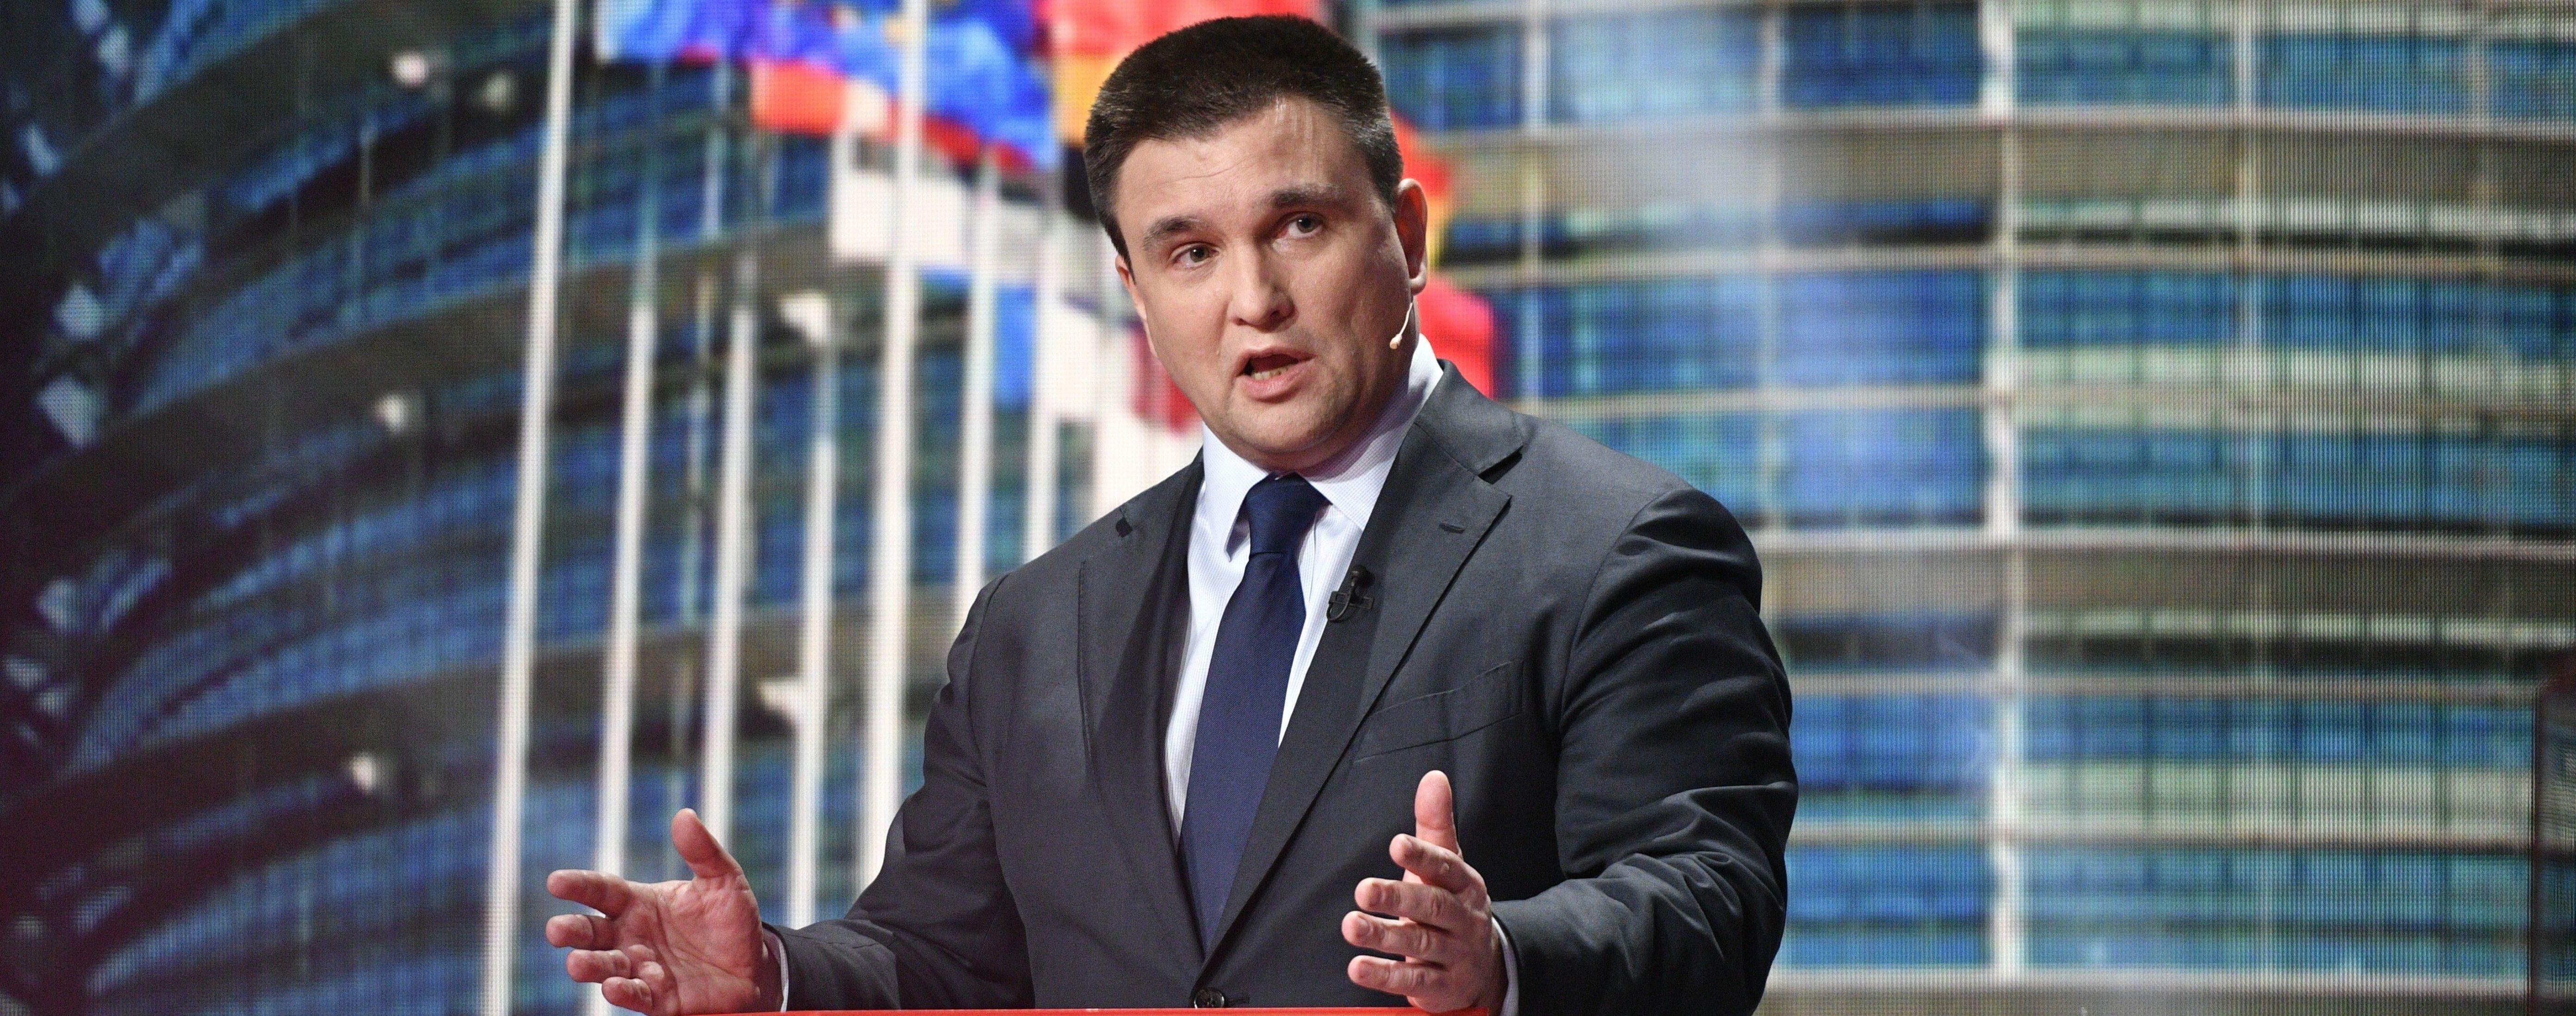 Визы уже отходят: Климкин рассказал, как можно контролировать поток россиян на границе